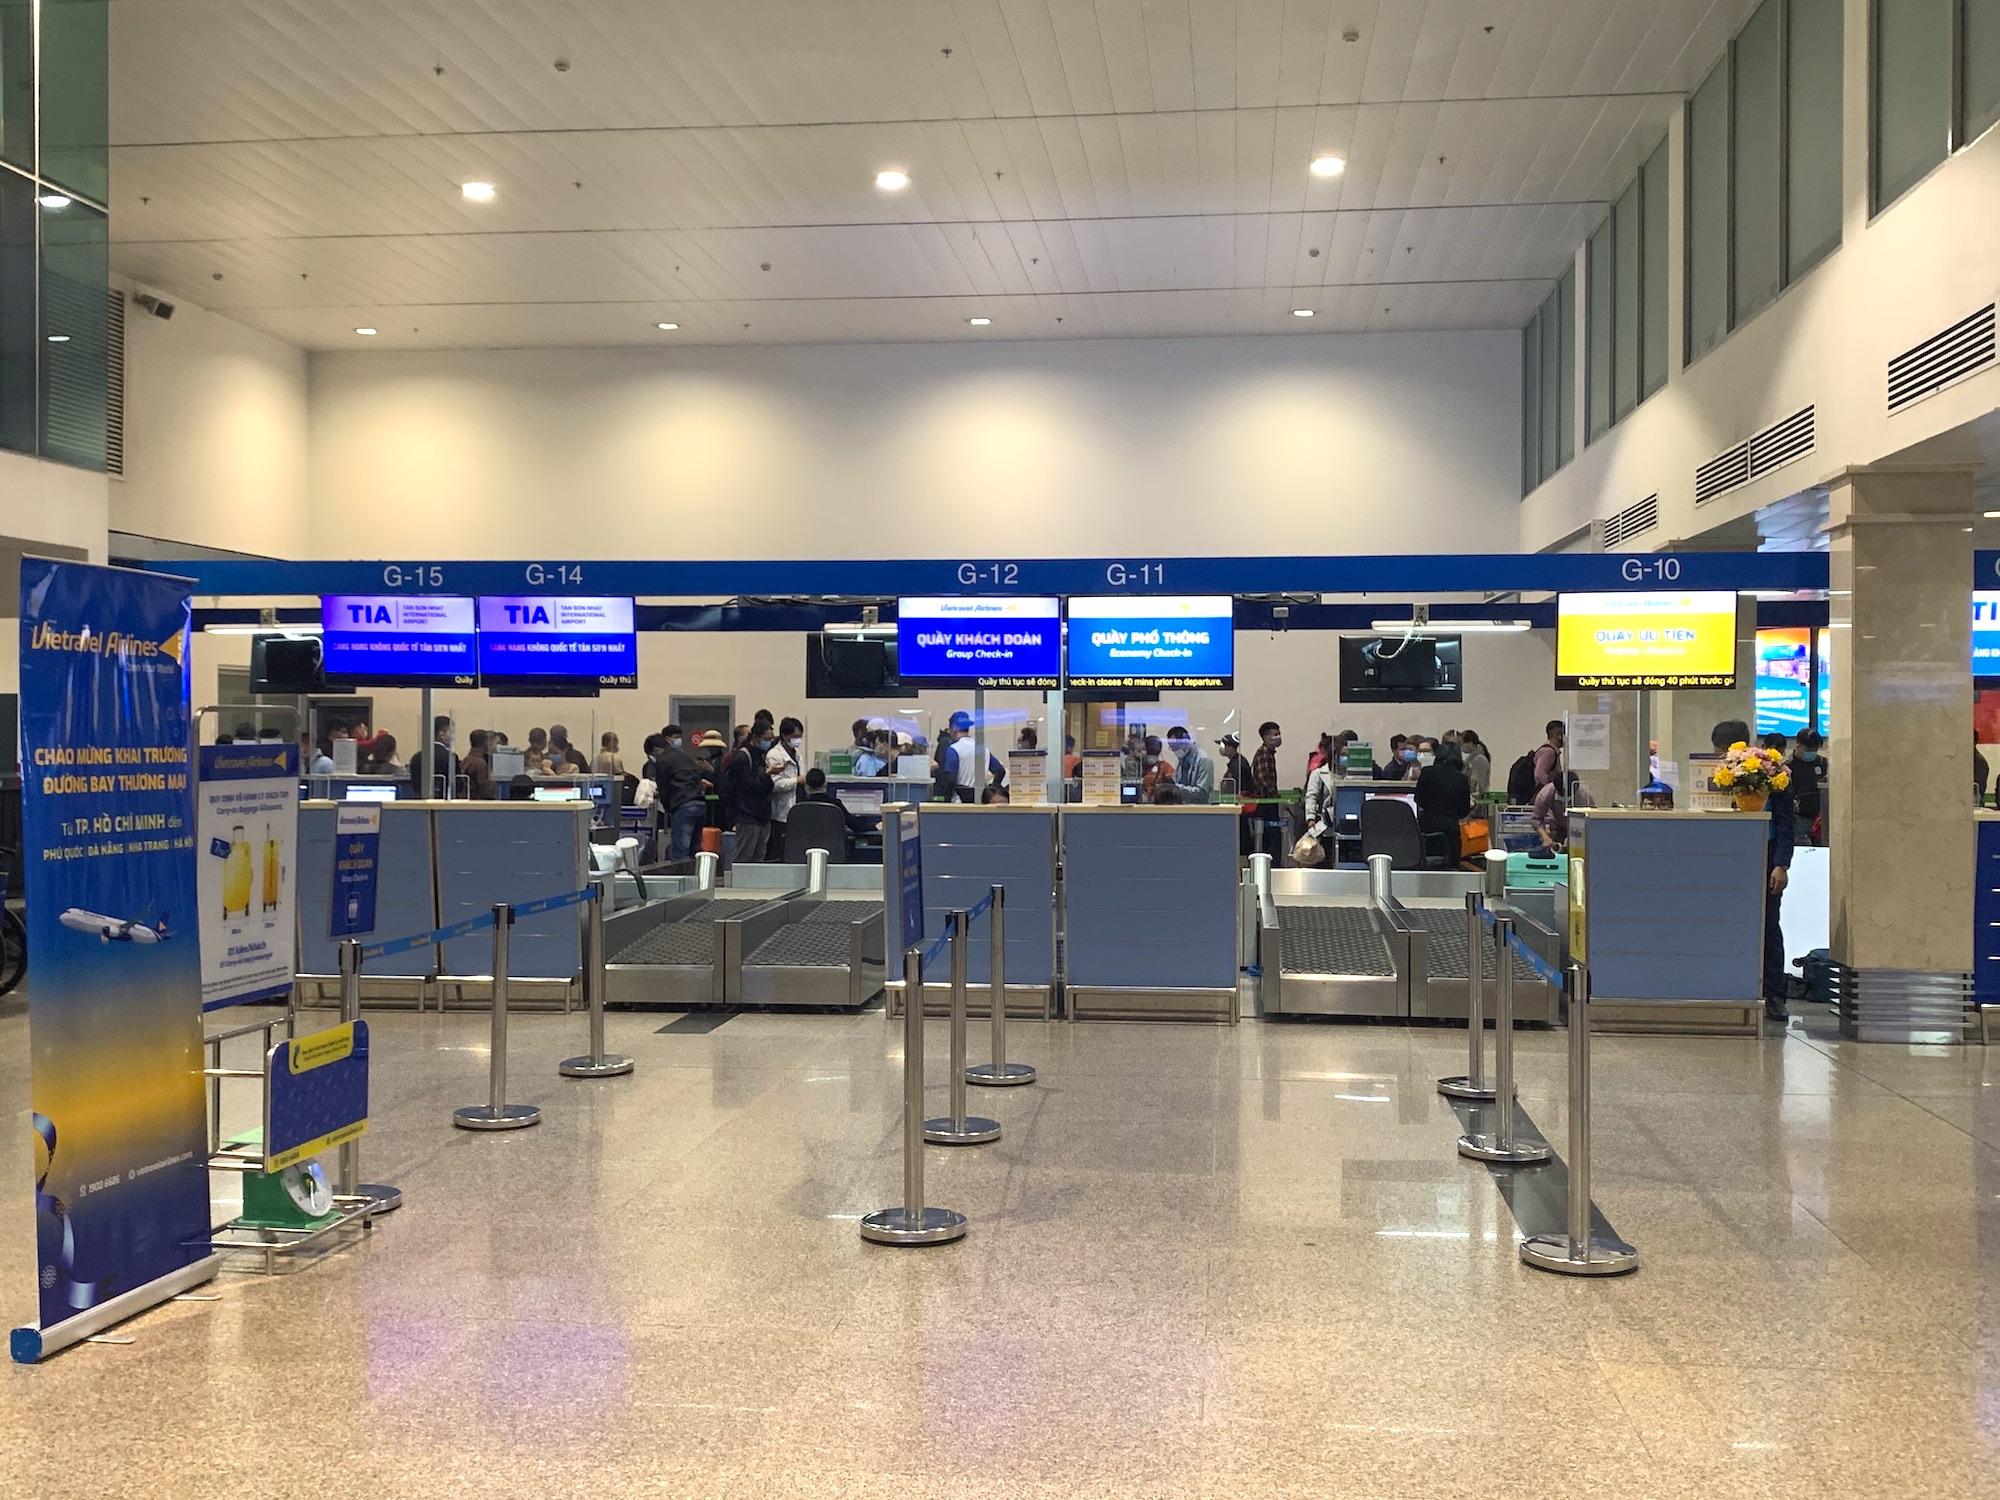 ホーチミン・タンソンニャット国際空港のベトトラベル航空のチェックインカウンター